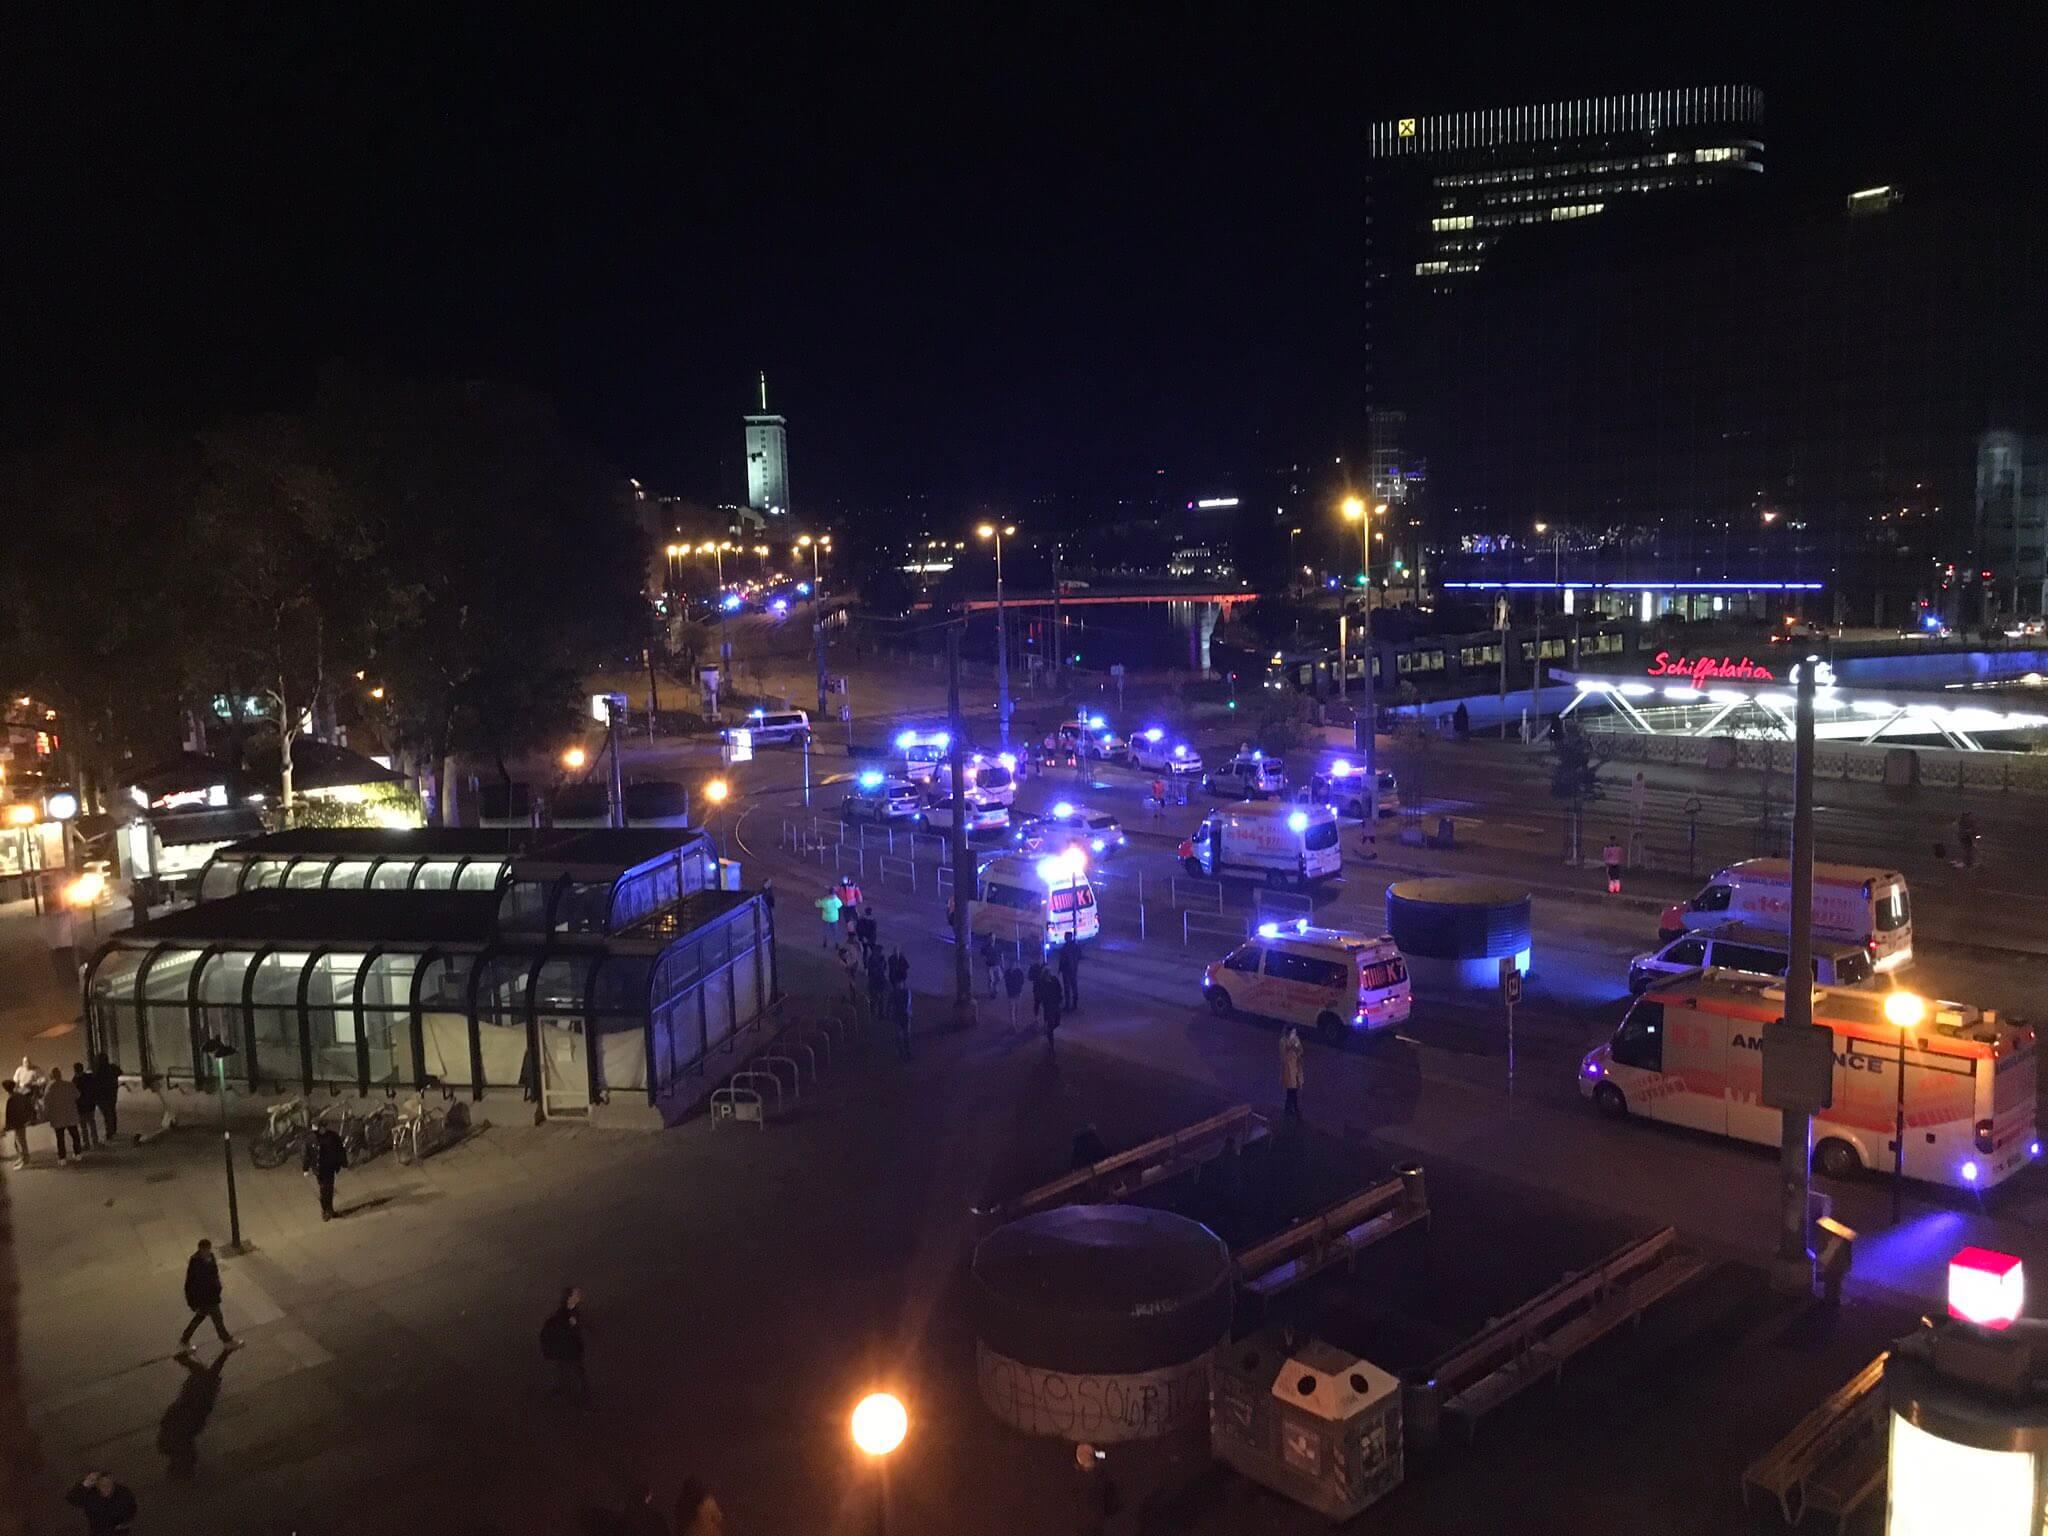 Έκτακτο: Βιέννη-Πυροβολισμοί σε συναγωγή (Βίντεο)